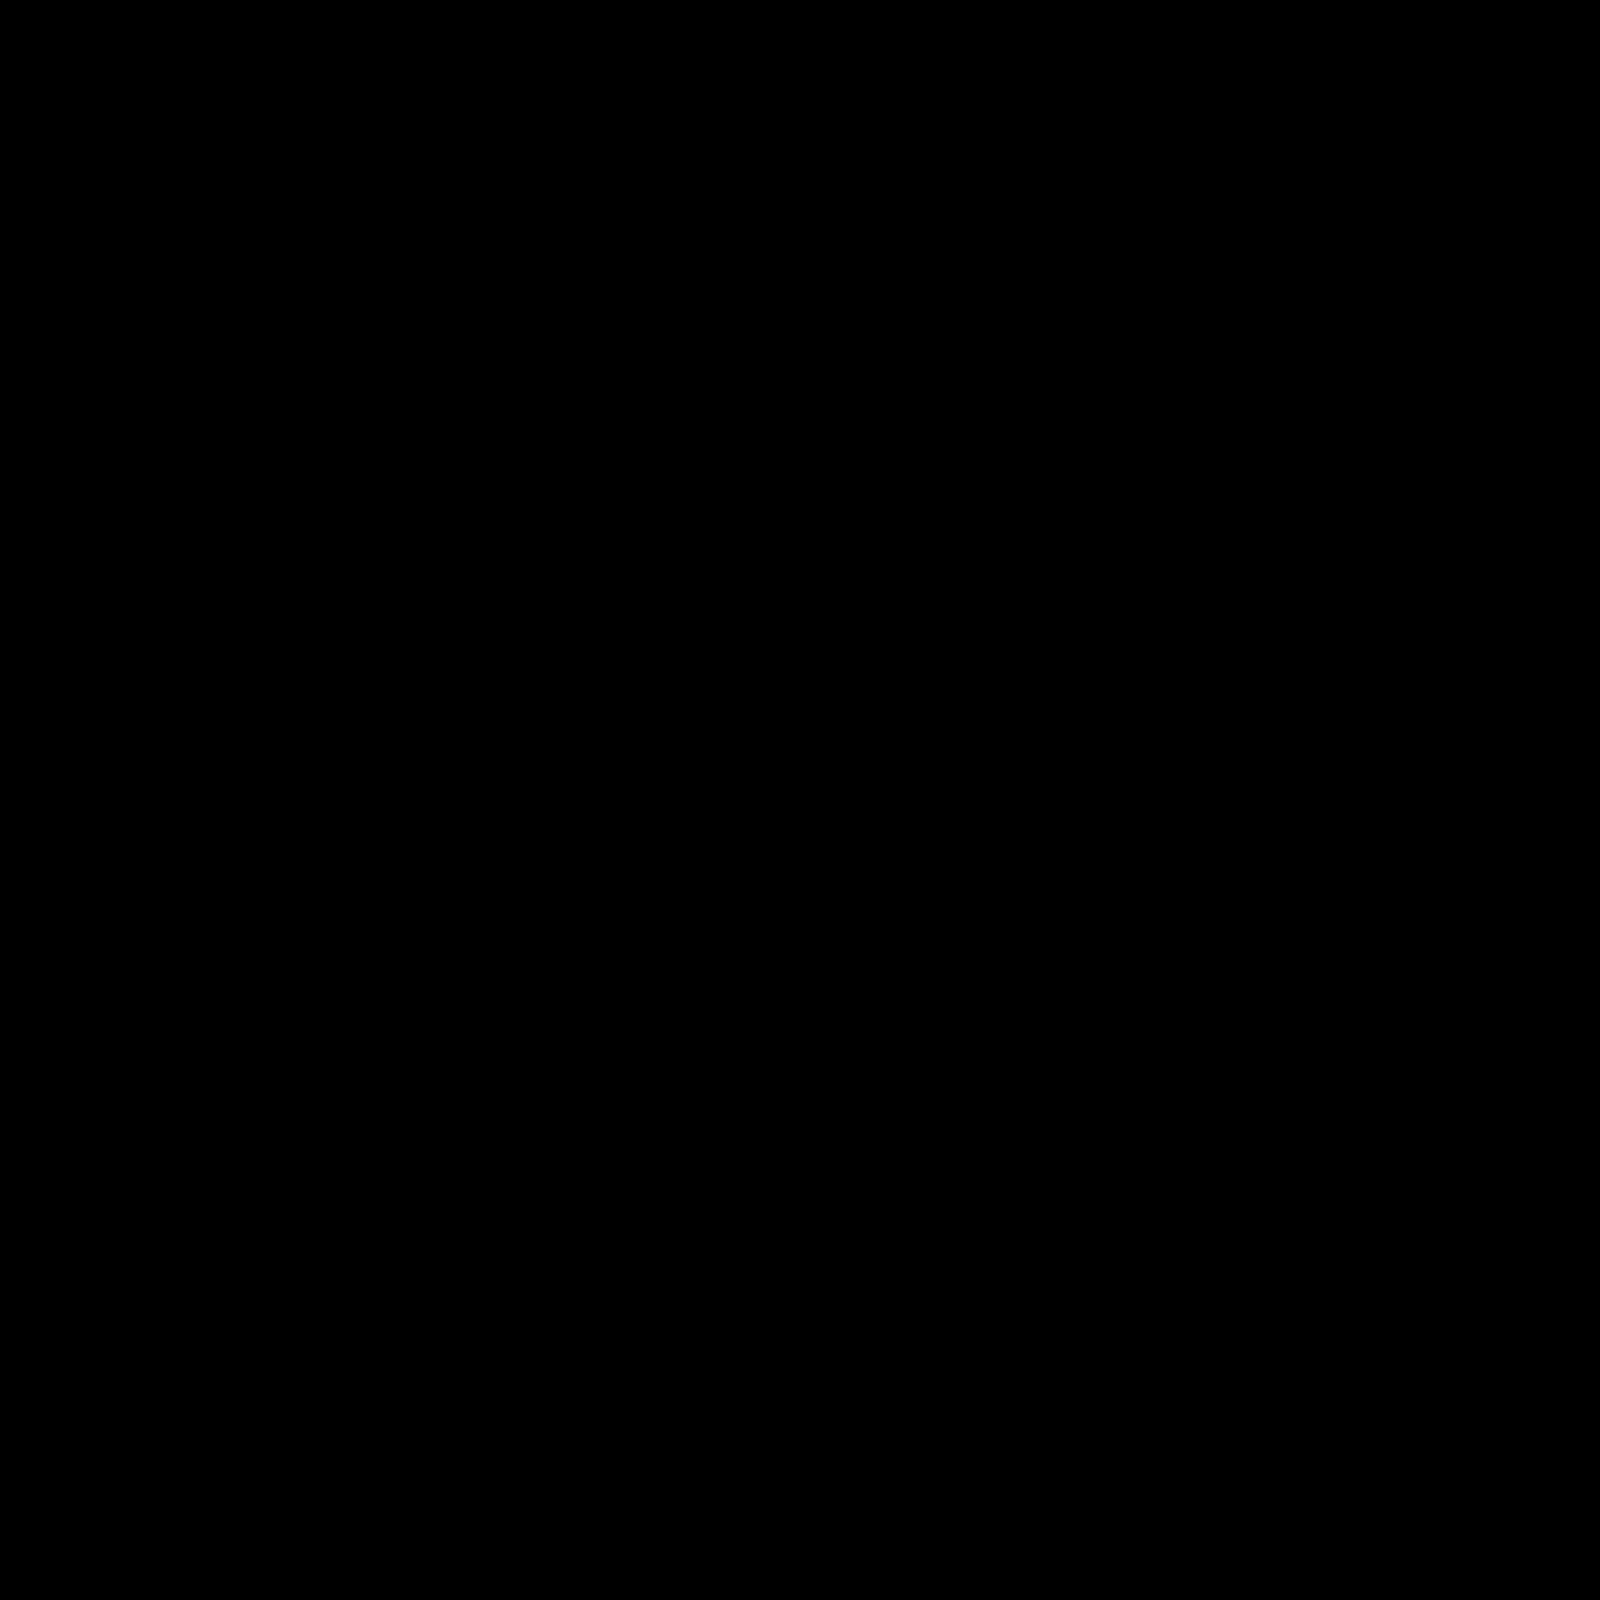 Phonelink Einrichtung icon